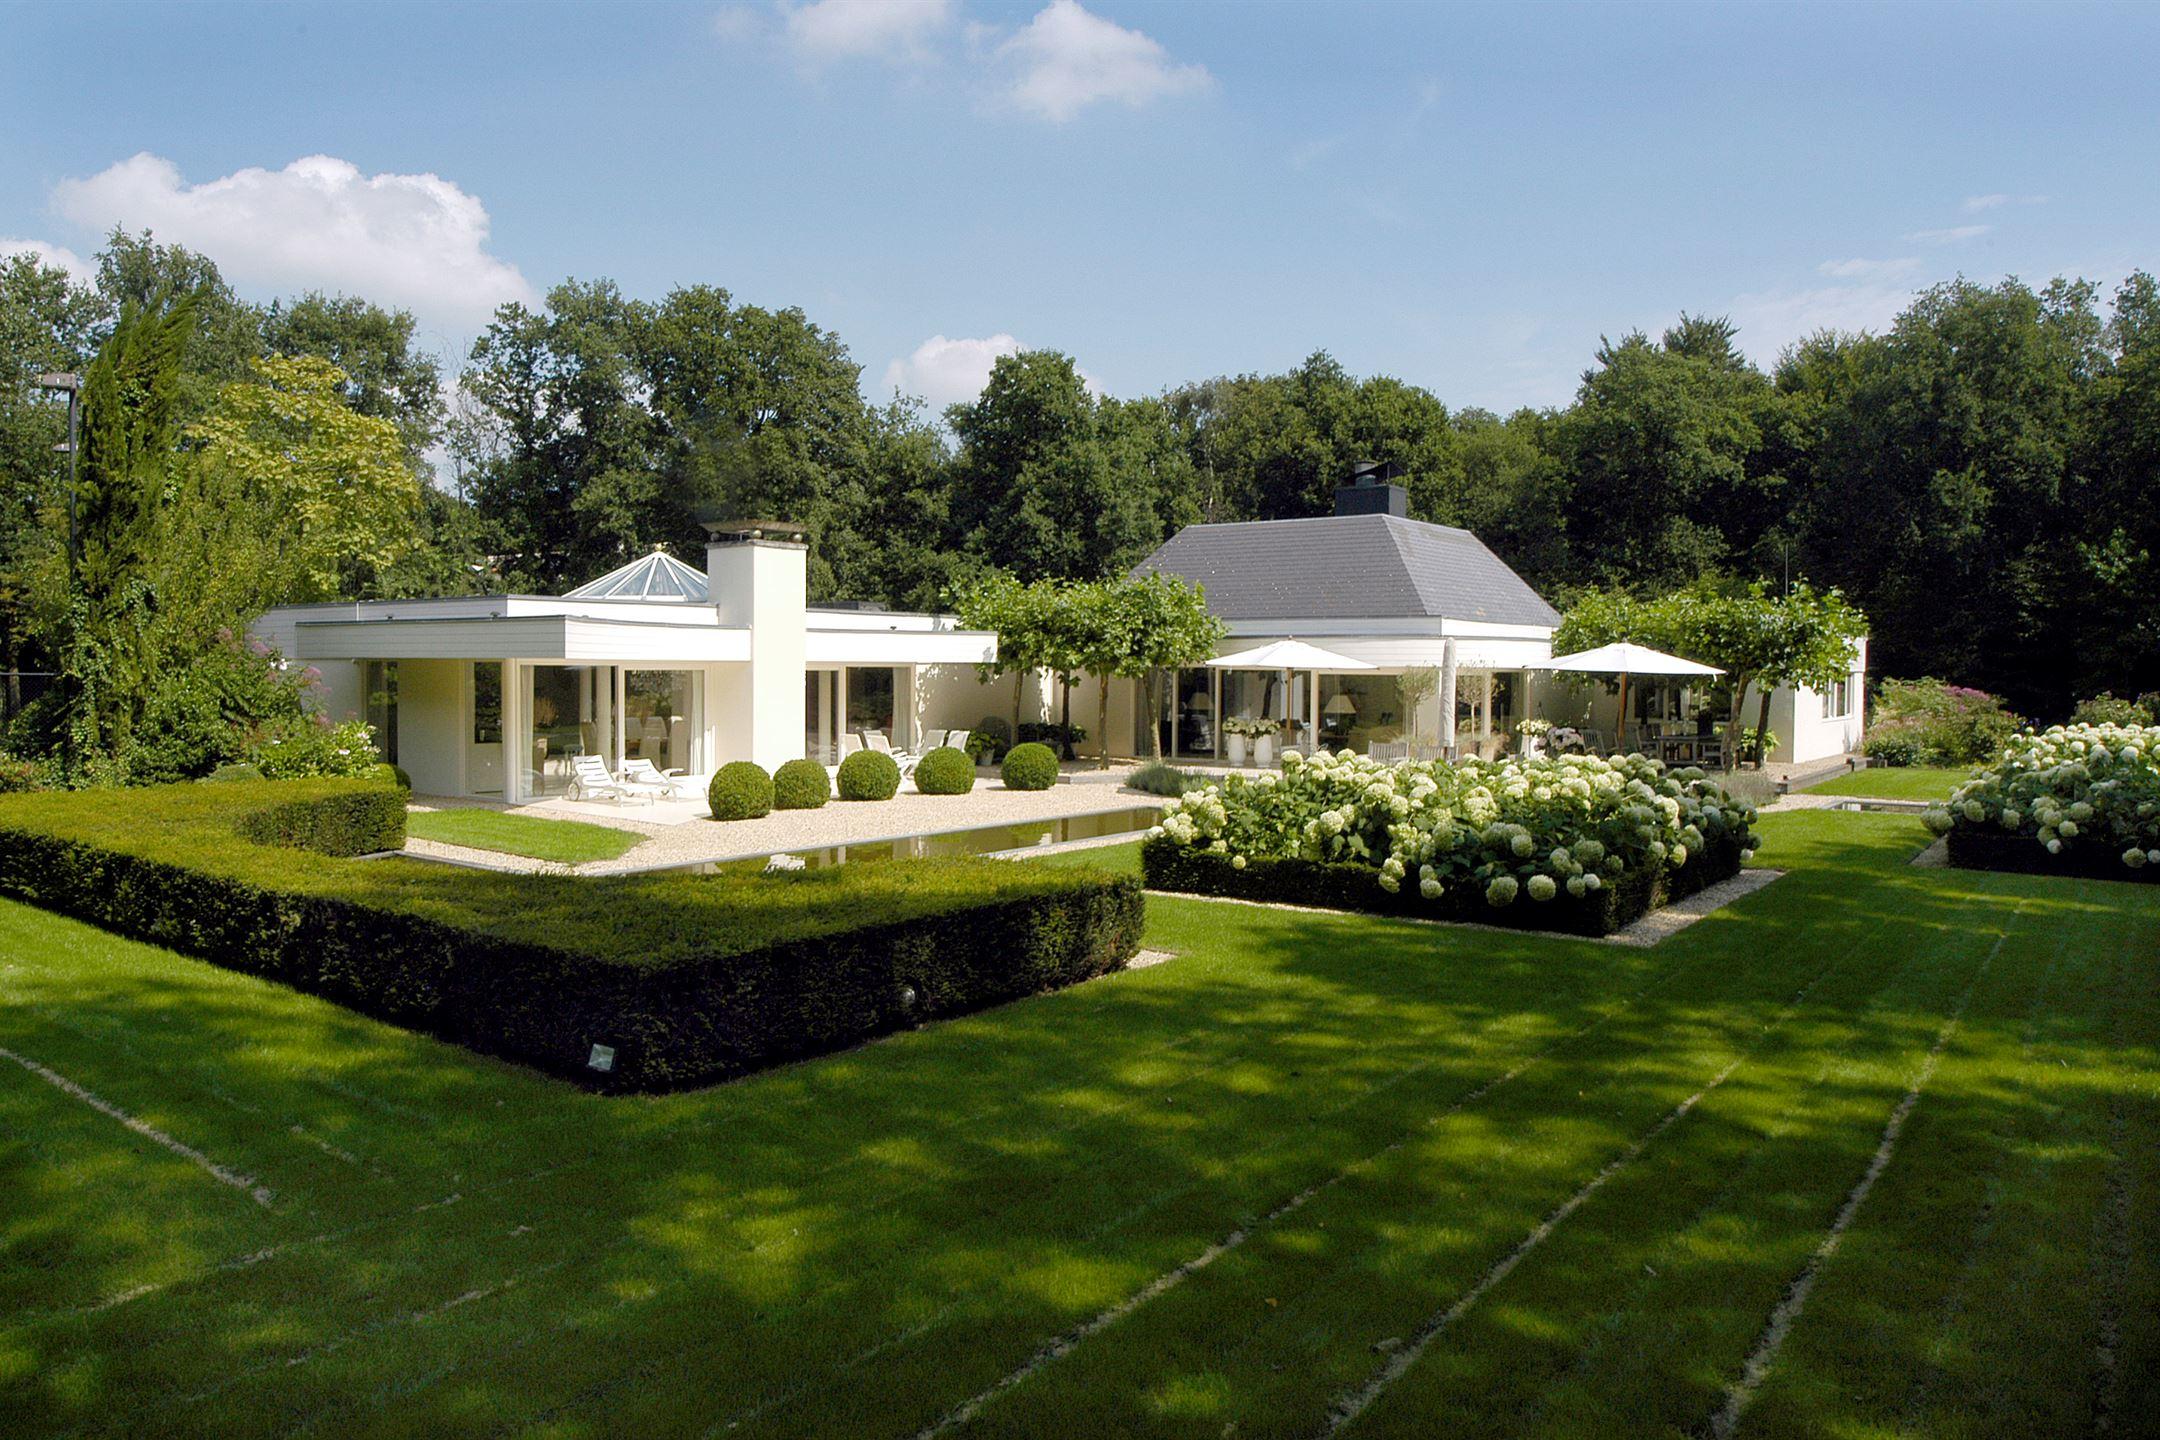 Verkocht van vollenhovenlaan 26 2111 hh aerdenhout funda for Villas pequenas